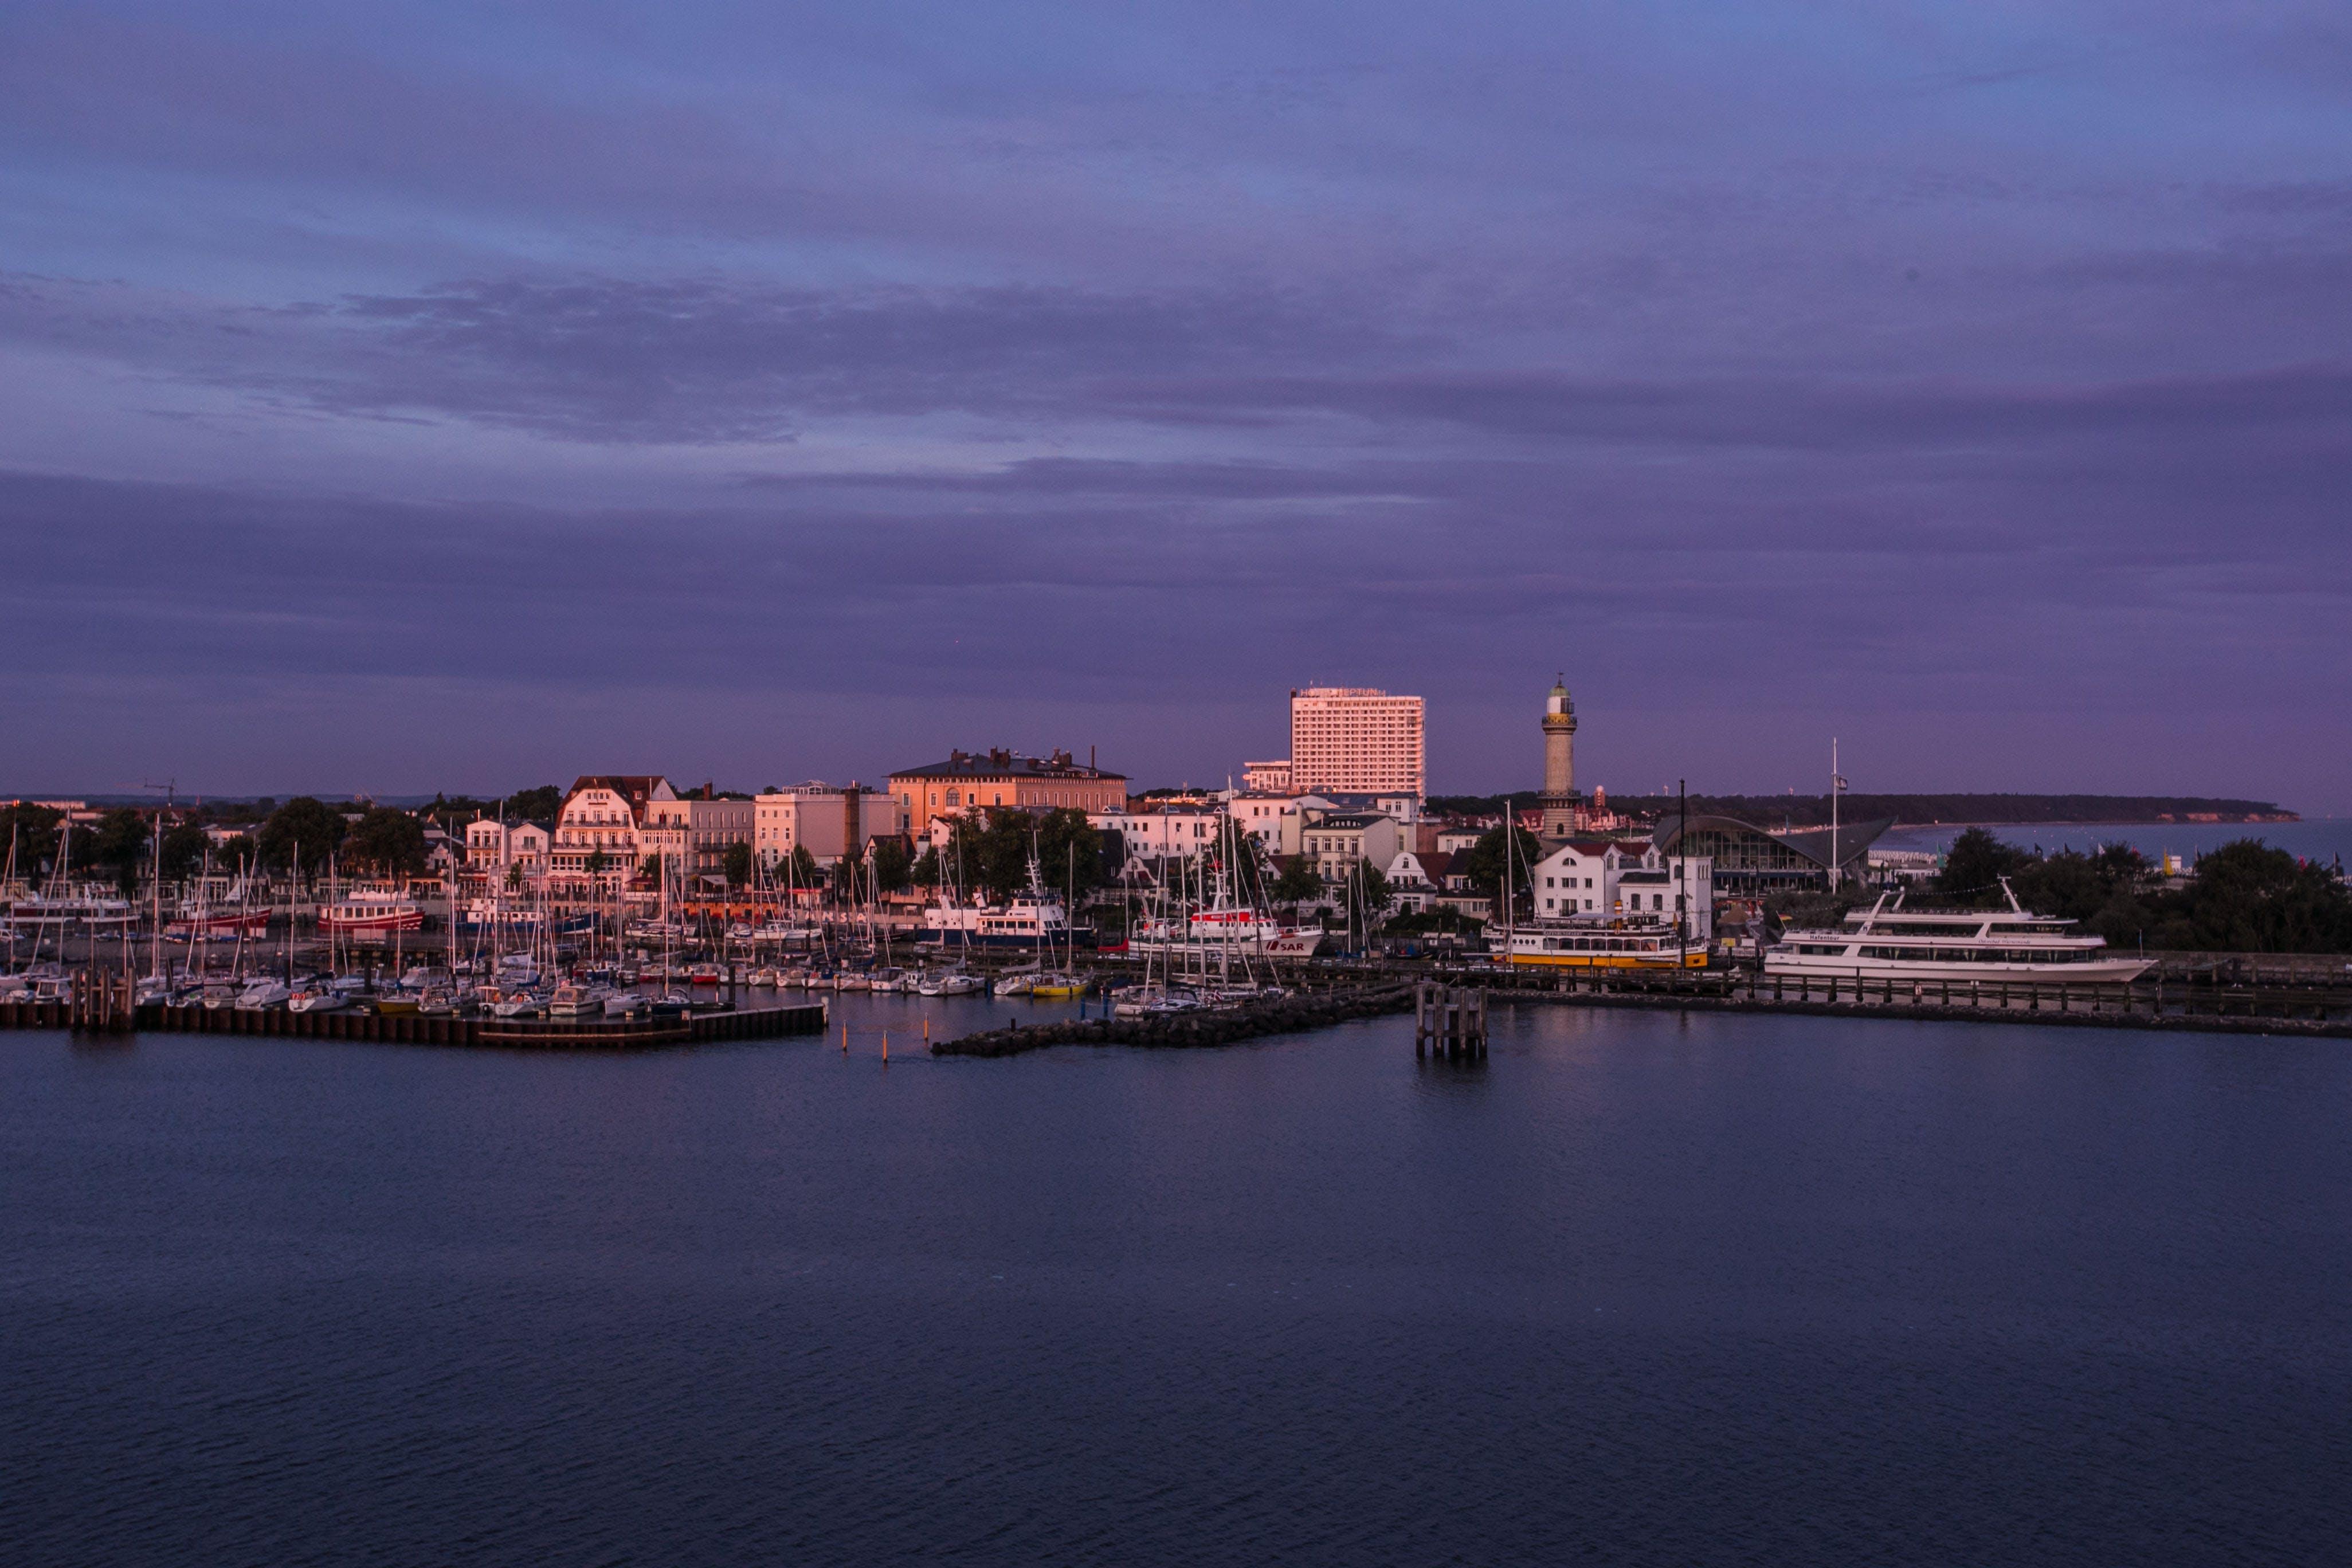 城鎮, 堤, 天空, 天際線 的 免费素材照片